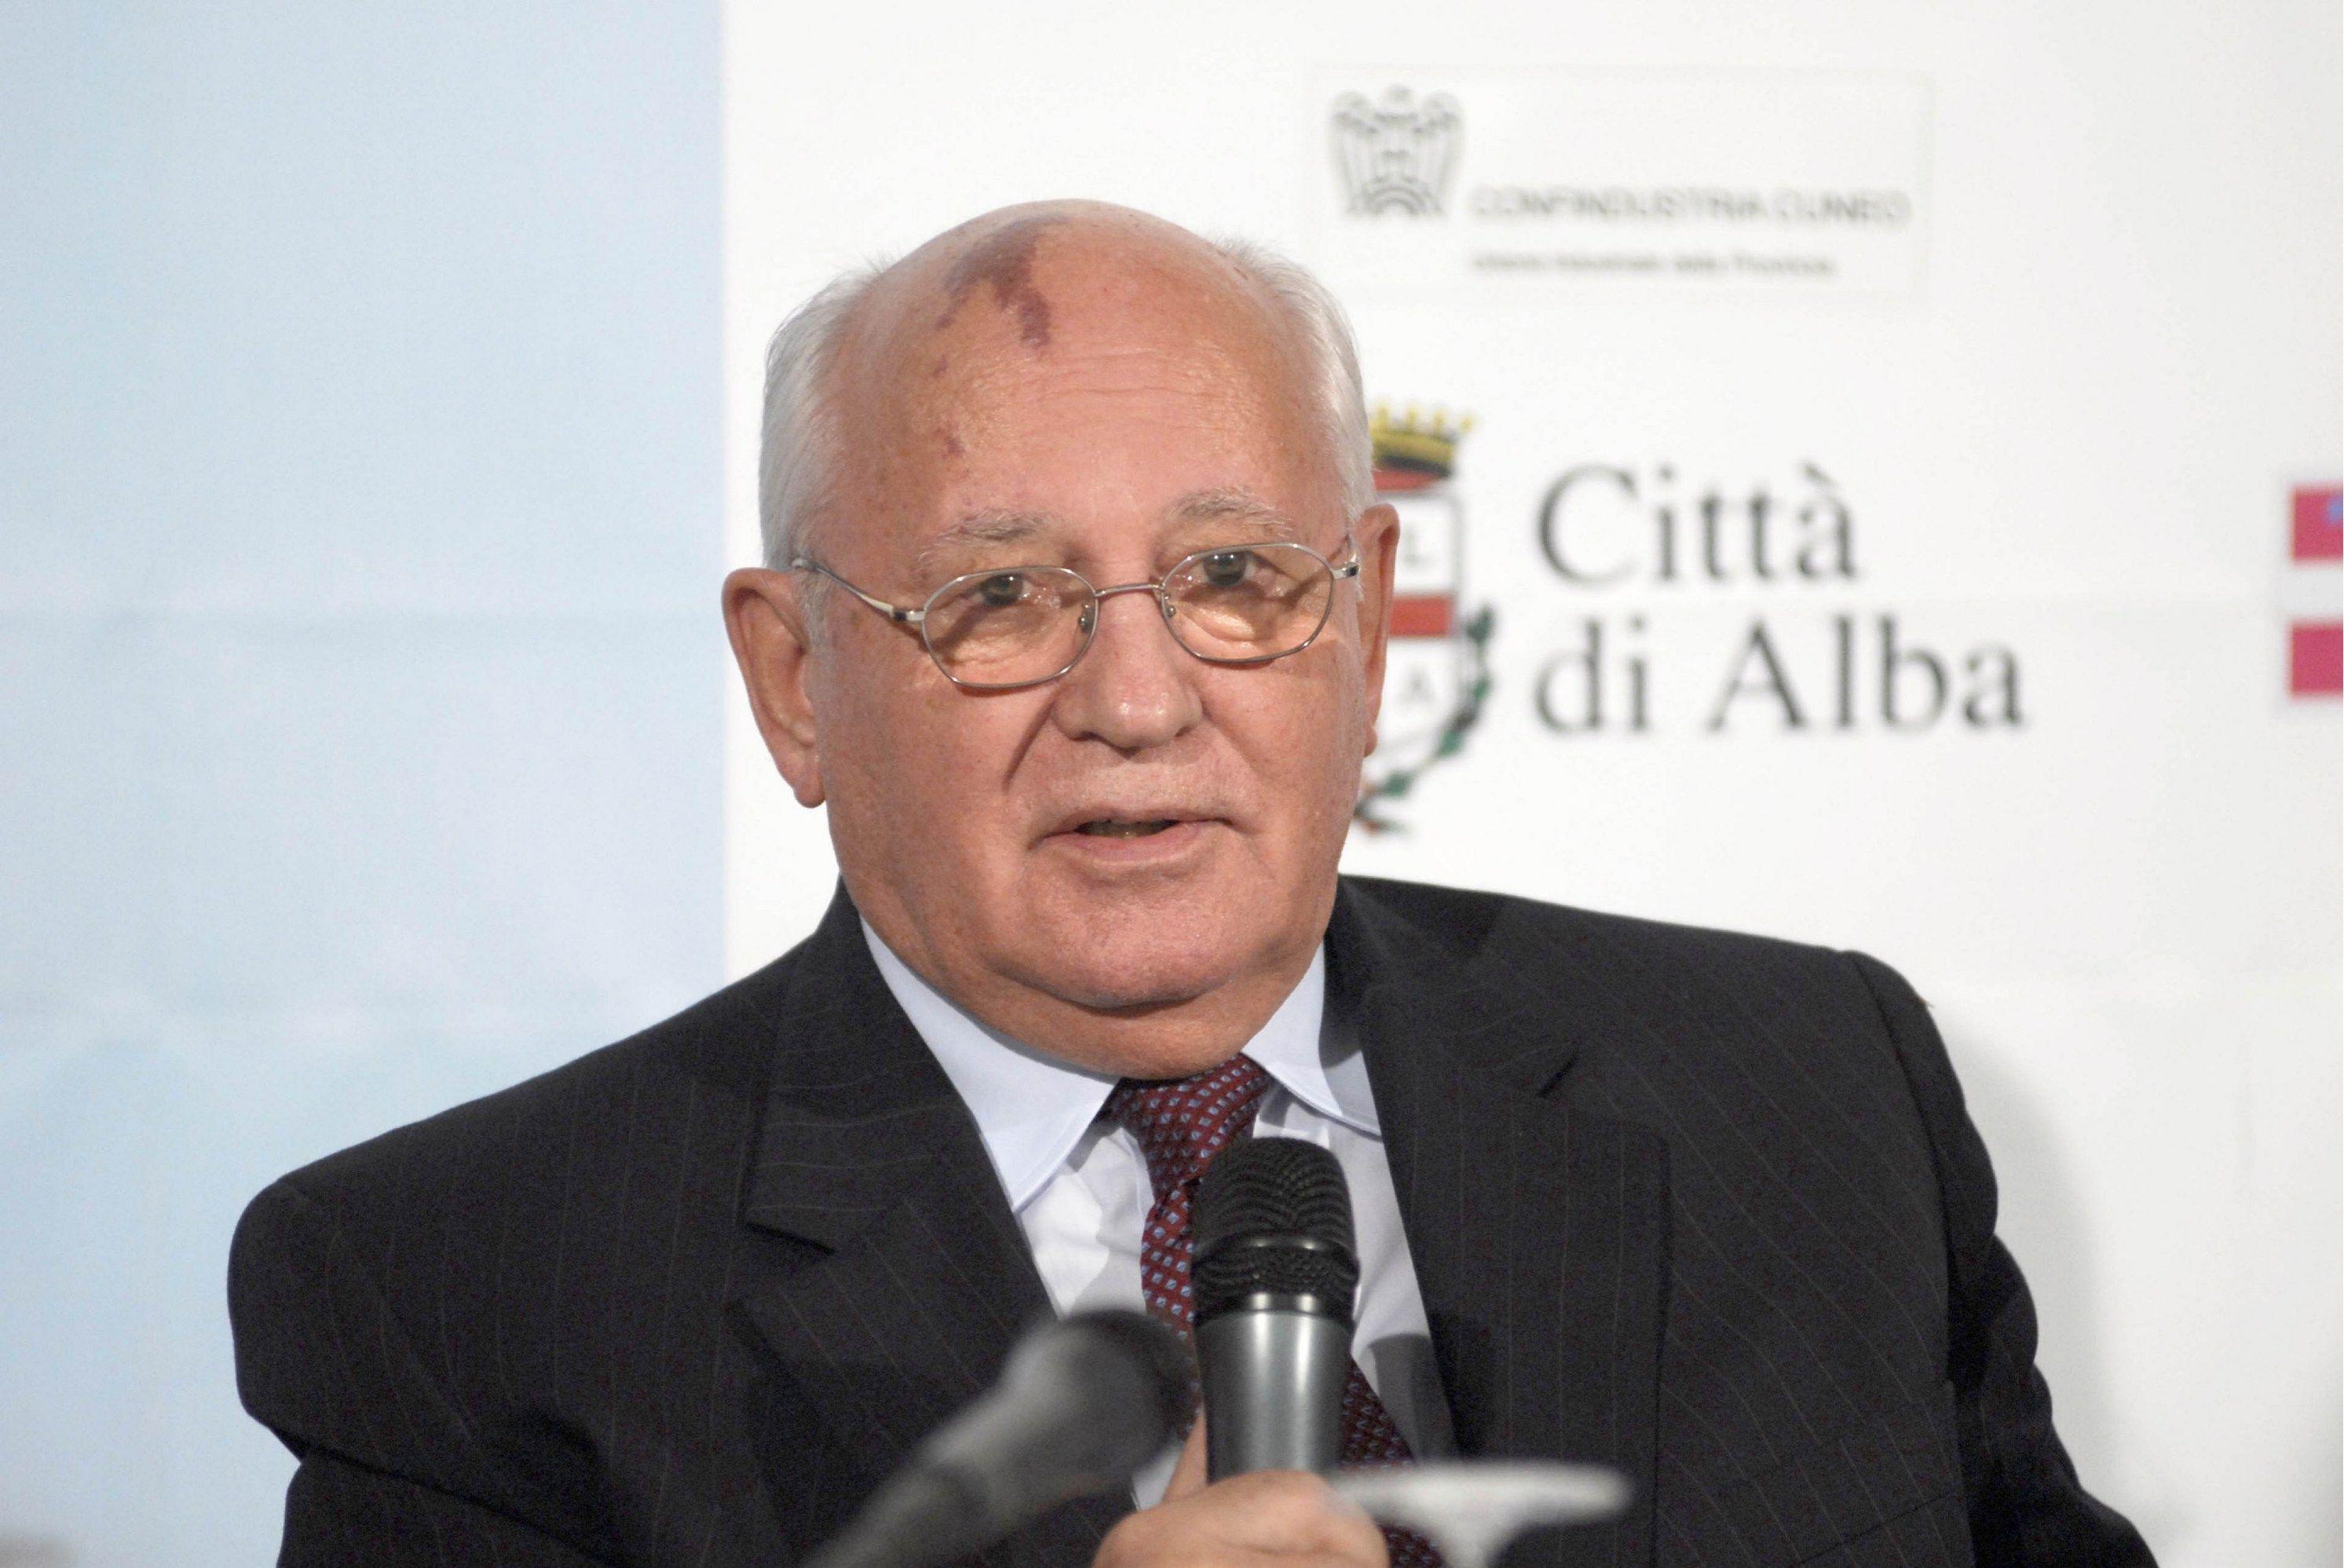 Mikail Gorbaciov ospite della rassegna 'Alba Libri'